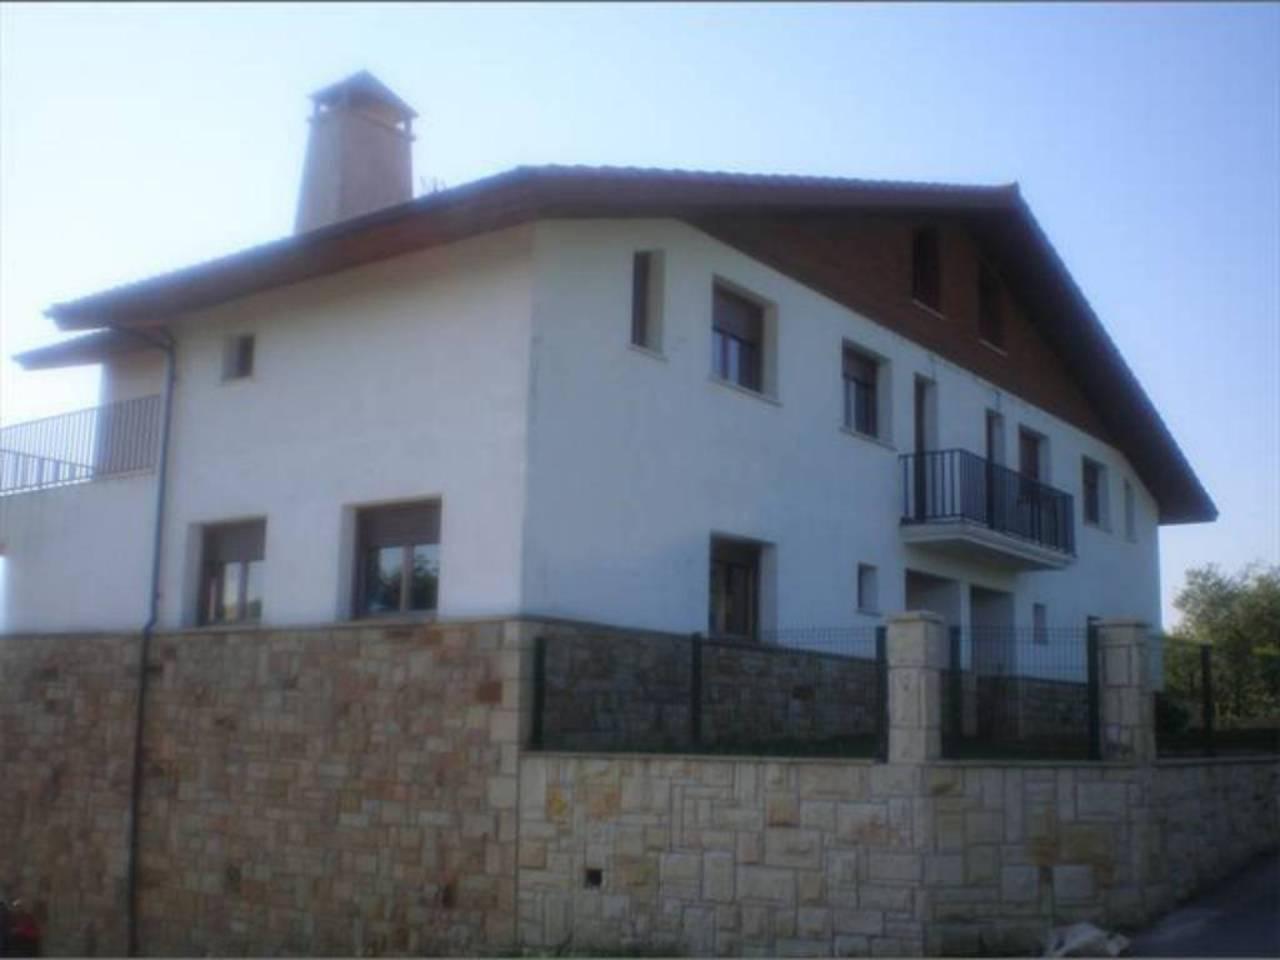 Casa en venta con 500 m2, 5 dormitorios  en Uribarri (barrutia) (Bilba